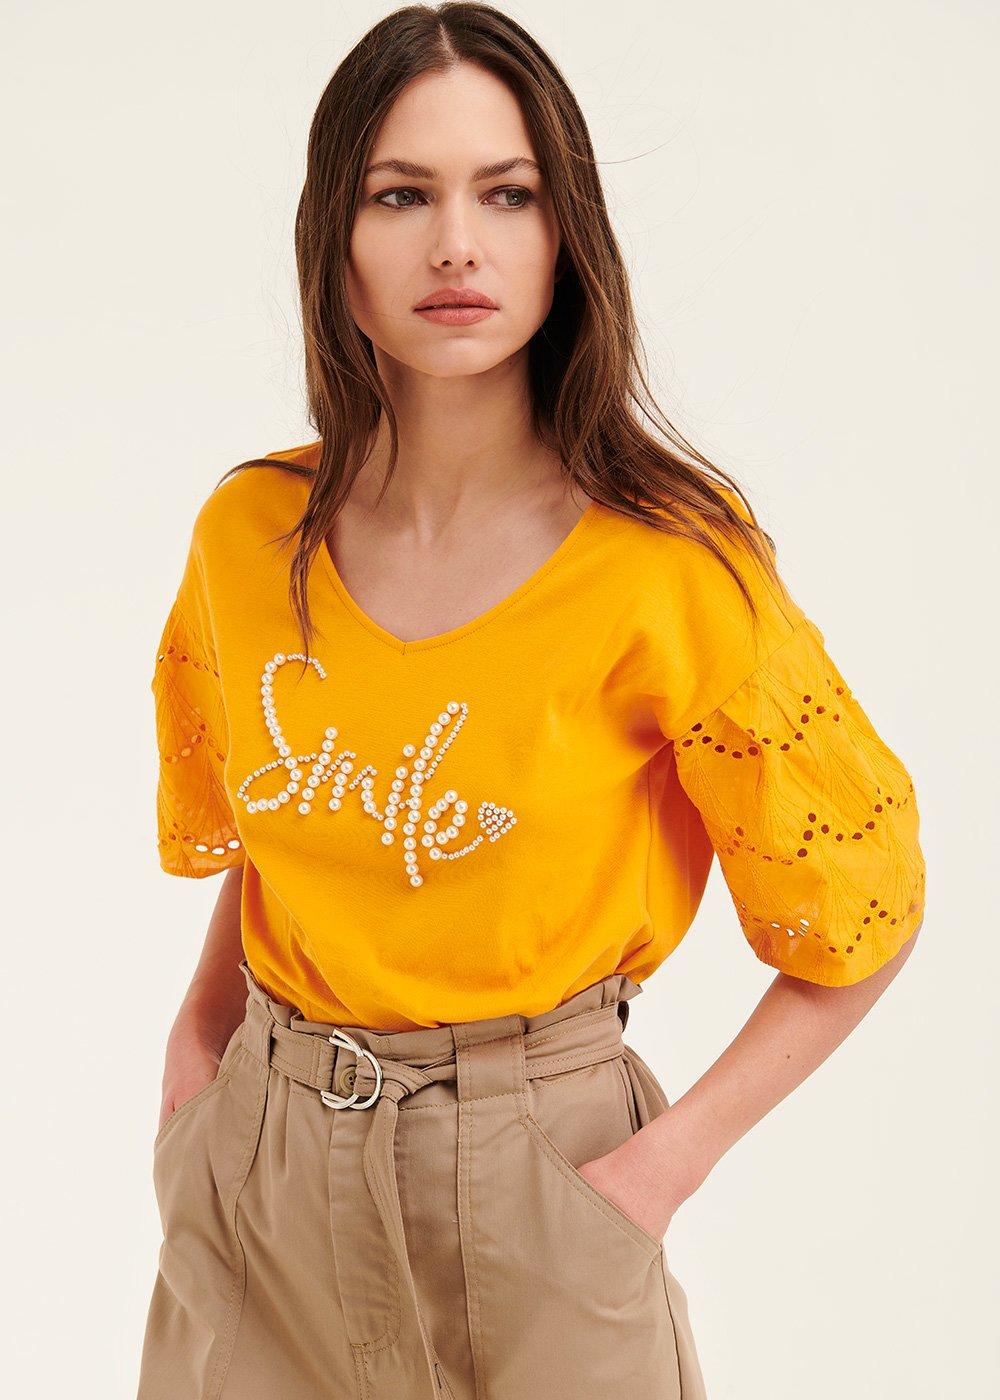 Sirya t-shirt with pearl lettering - Papaya - Woman